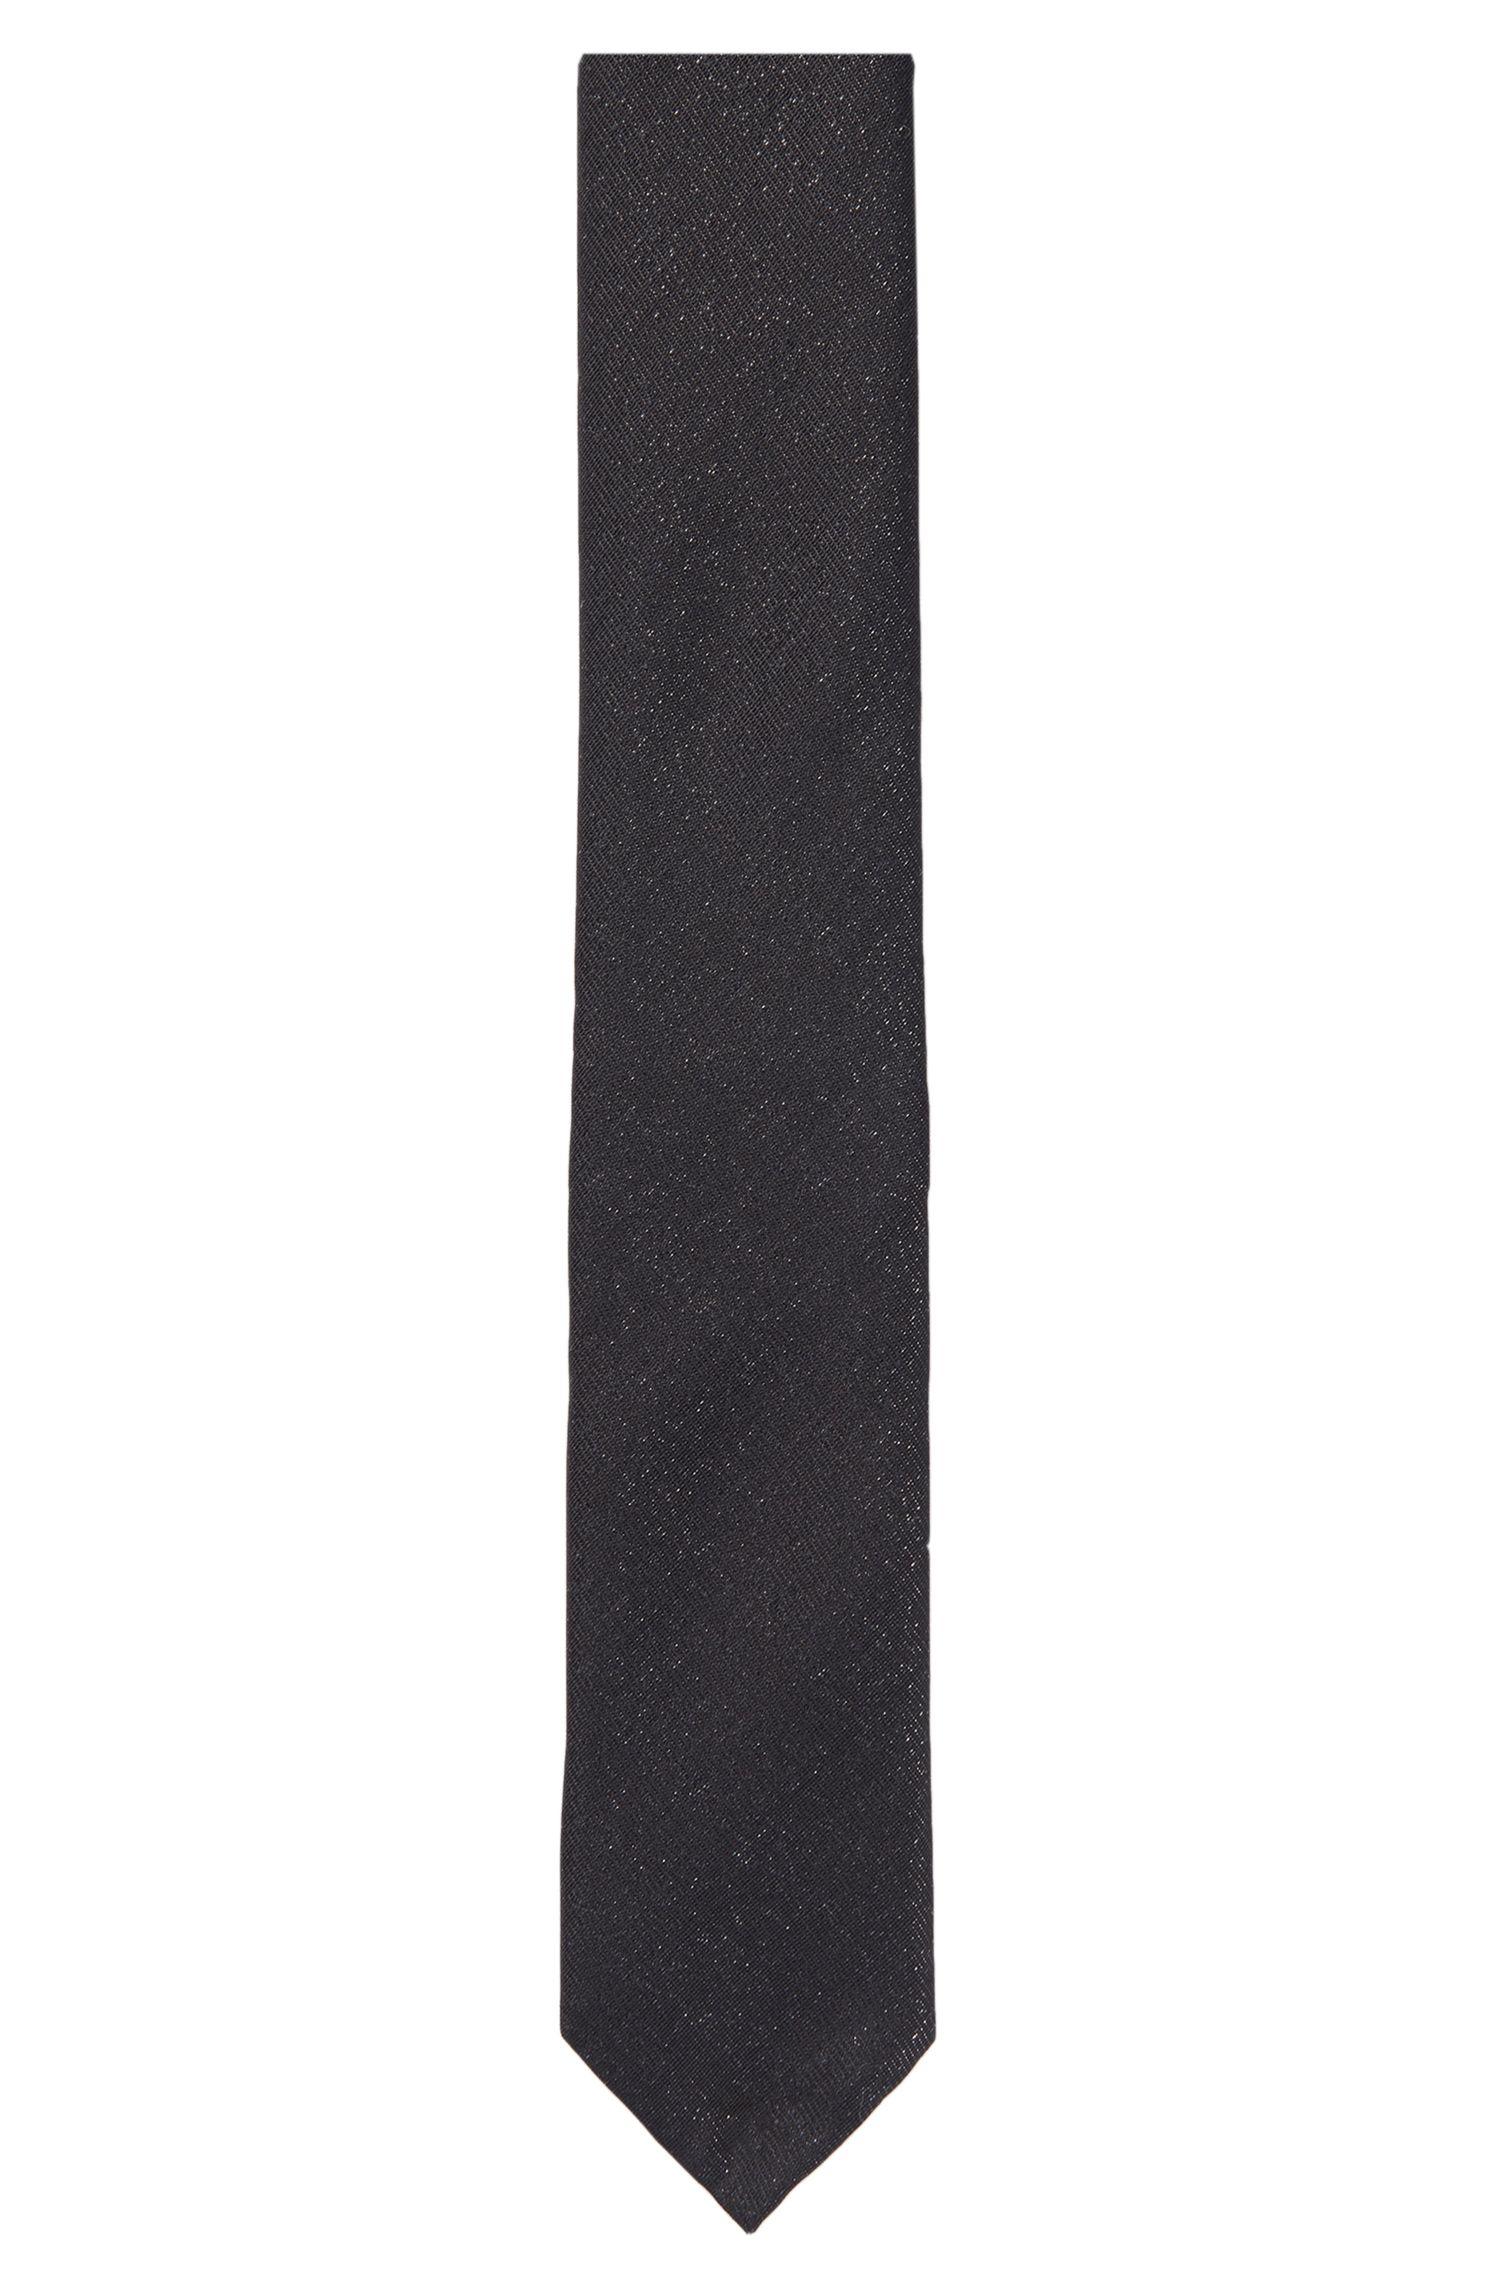 'Tie 6 cm' | Slim, Italian Silk Wool Blend Tie